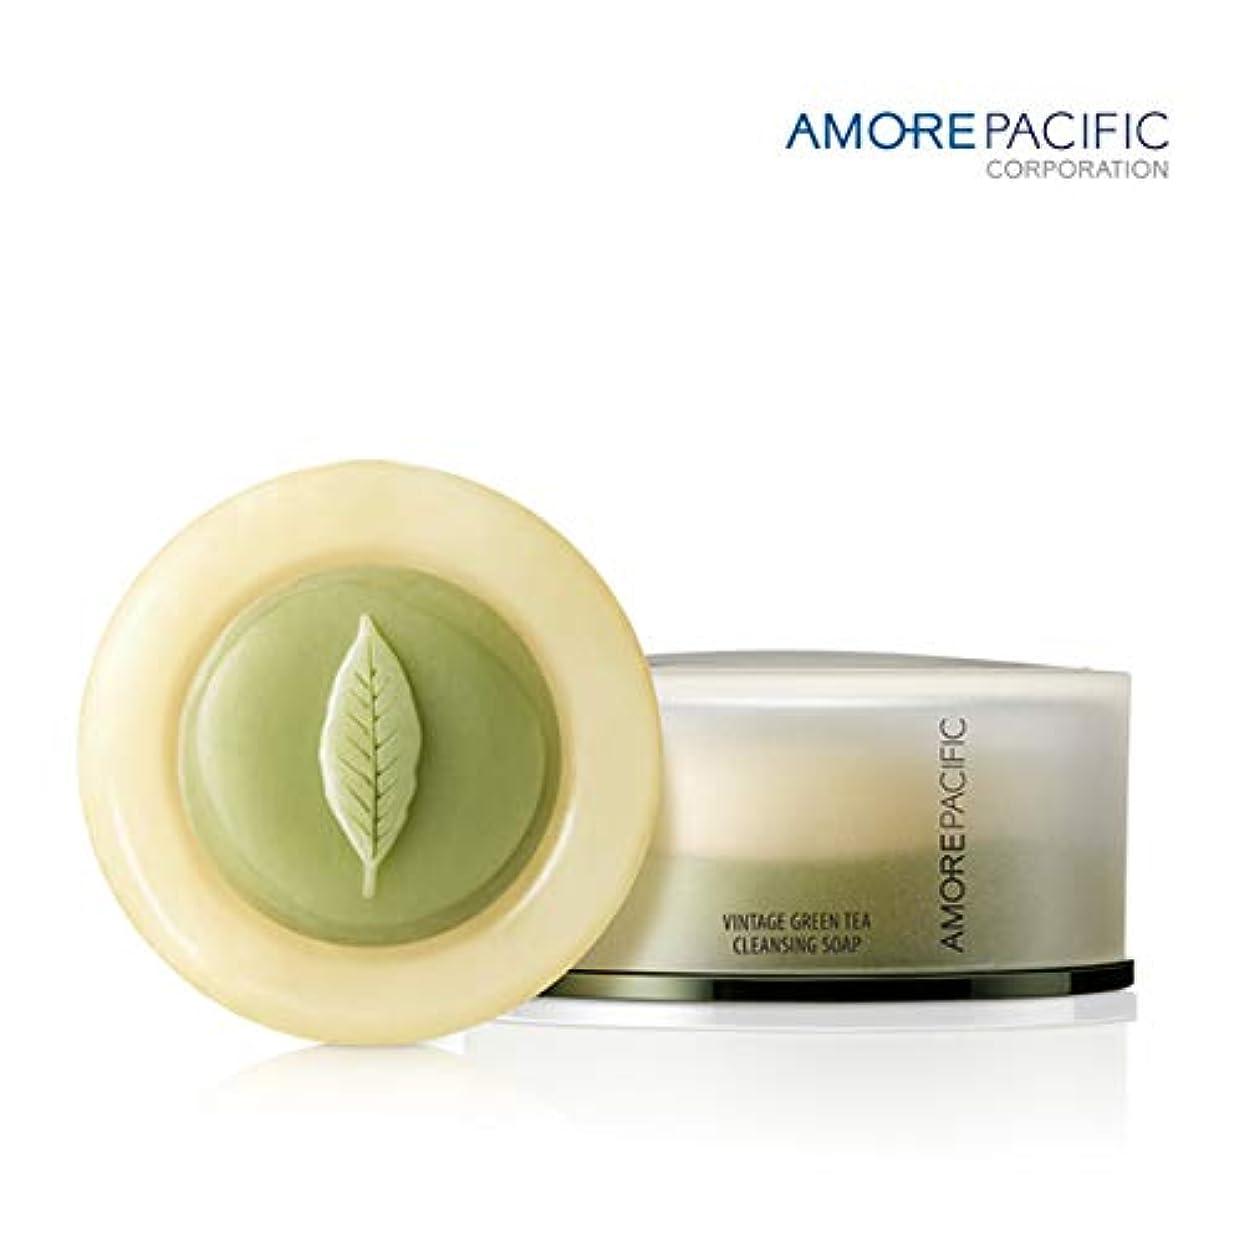 スリムパン屋扱いやすいアモーレパシフィック(AMOREPACIFIC)トリートメント クレンジング ソープ (Treatment Cleansing Soap)140g